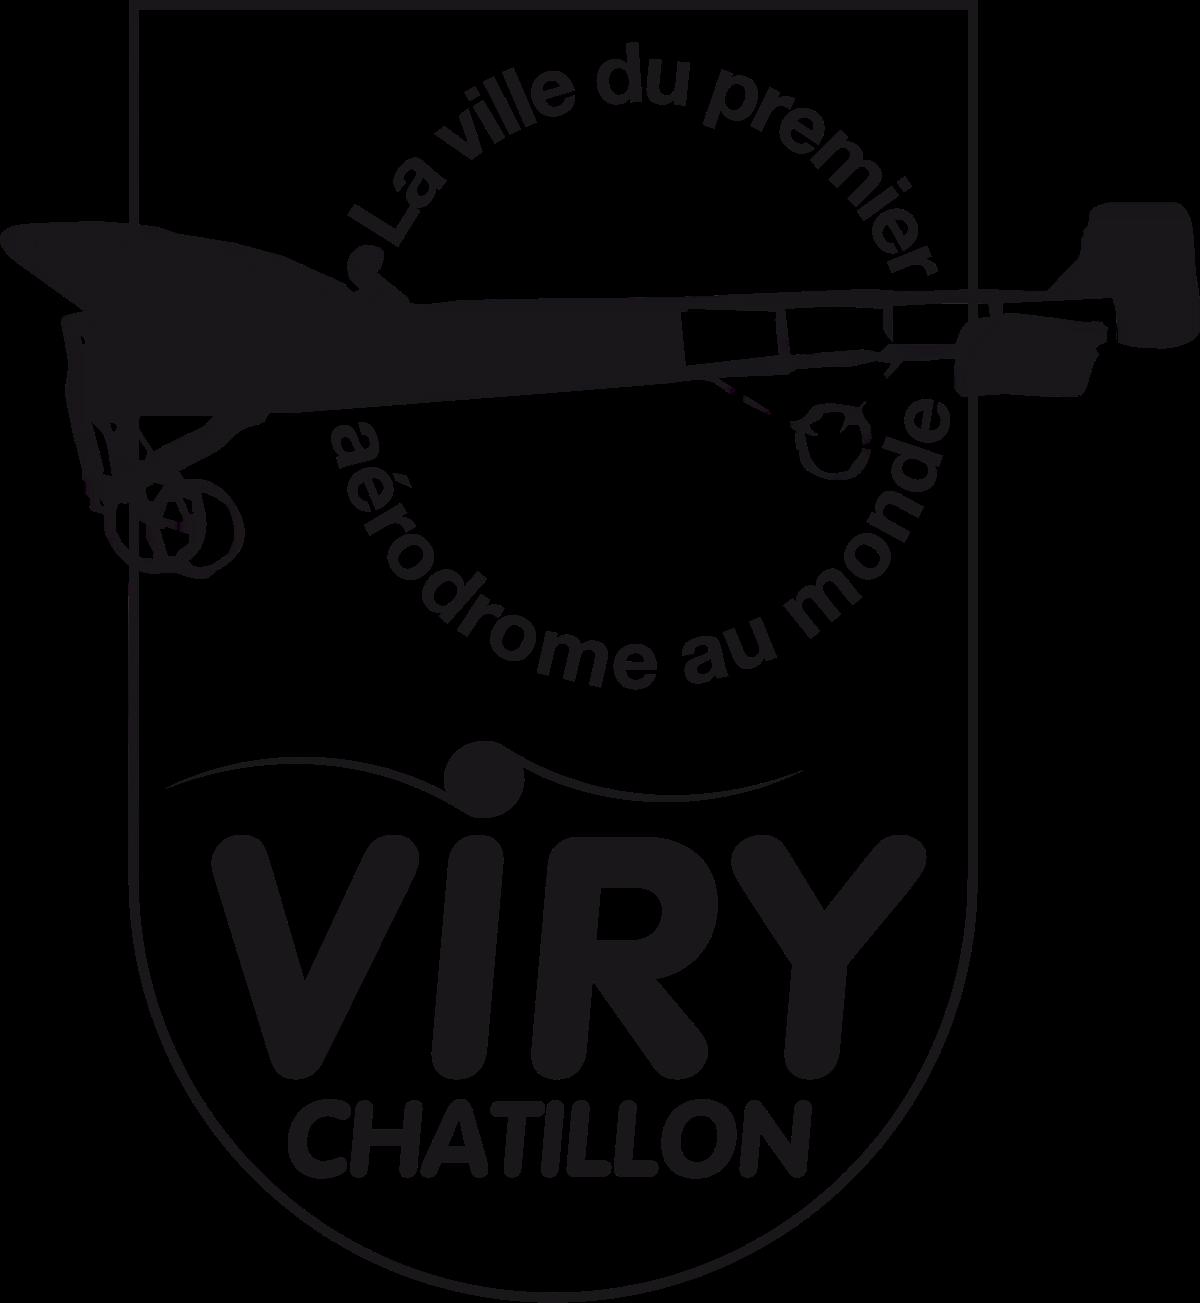 Logo Viry-Chatillon